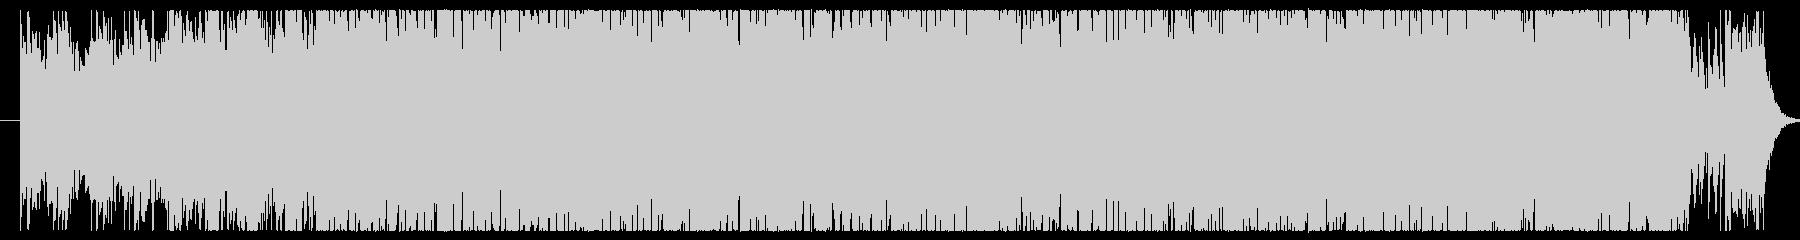 ピアノのメロディをメインに作成しました。の未再生の波形